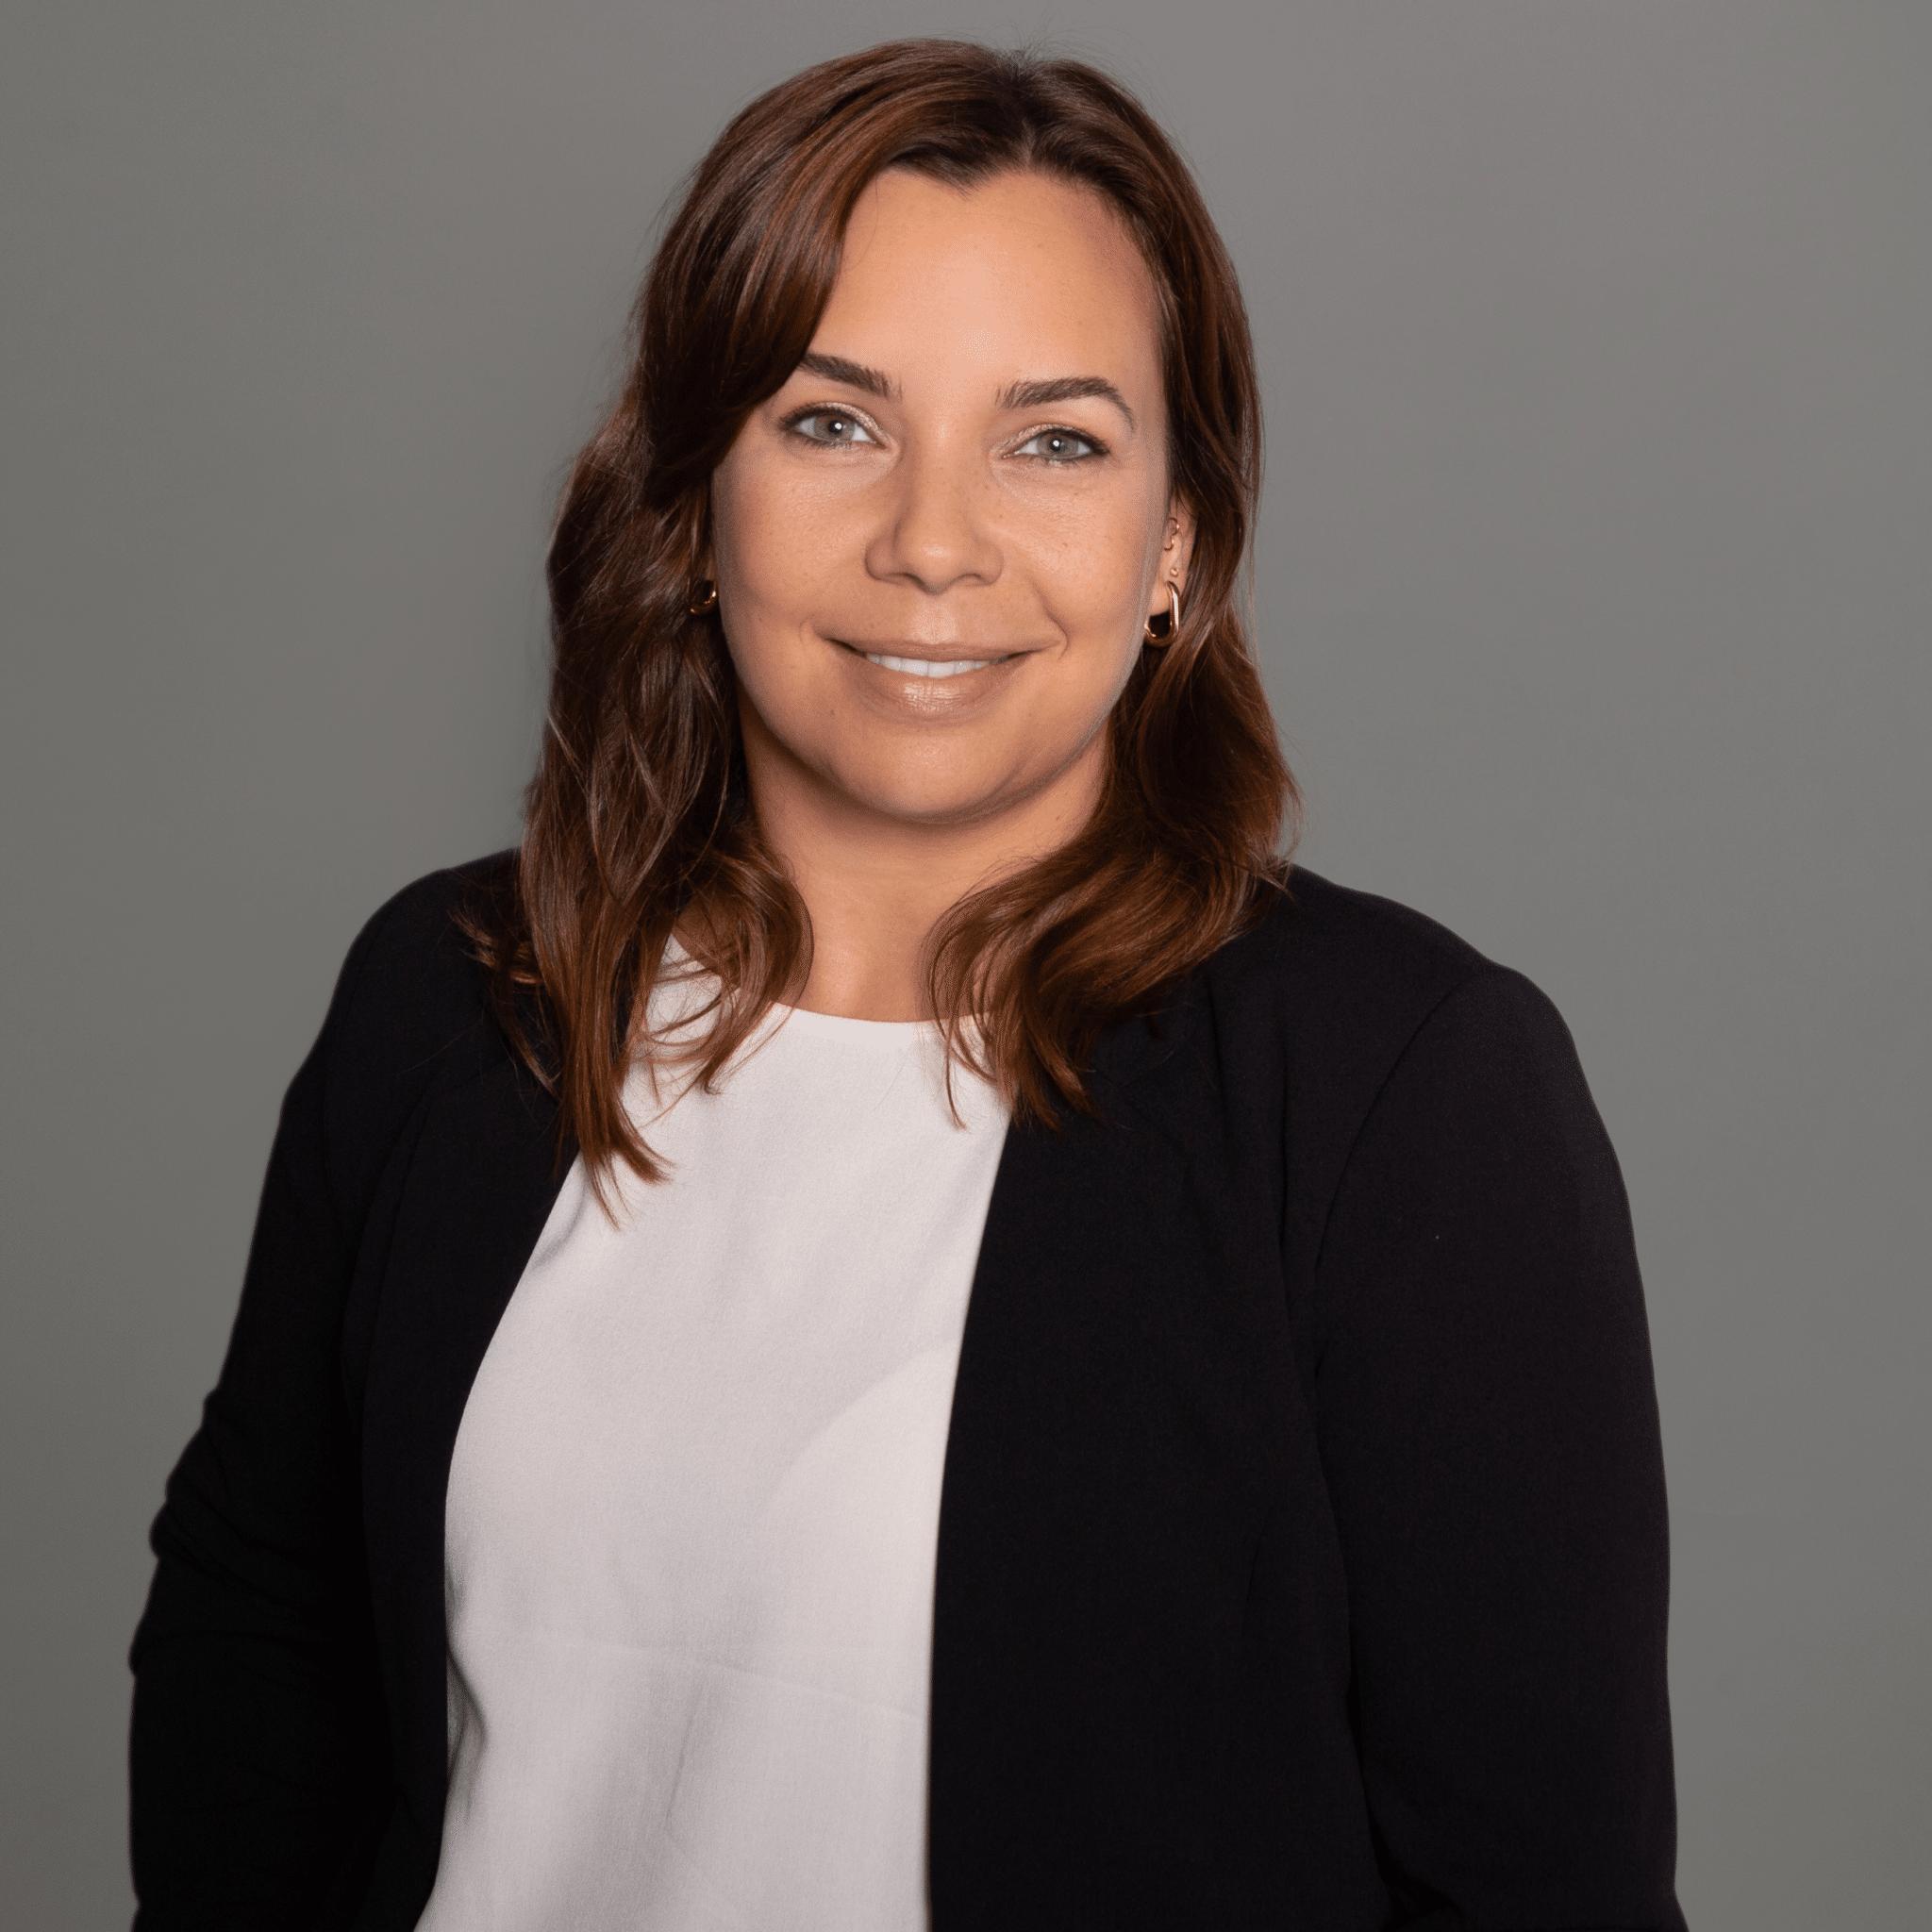 Nicole Friedrich Projektmanagement Inhouse verovis